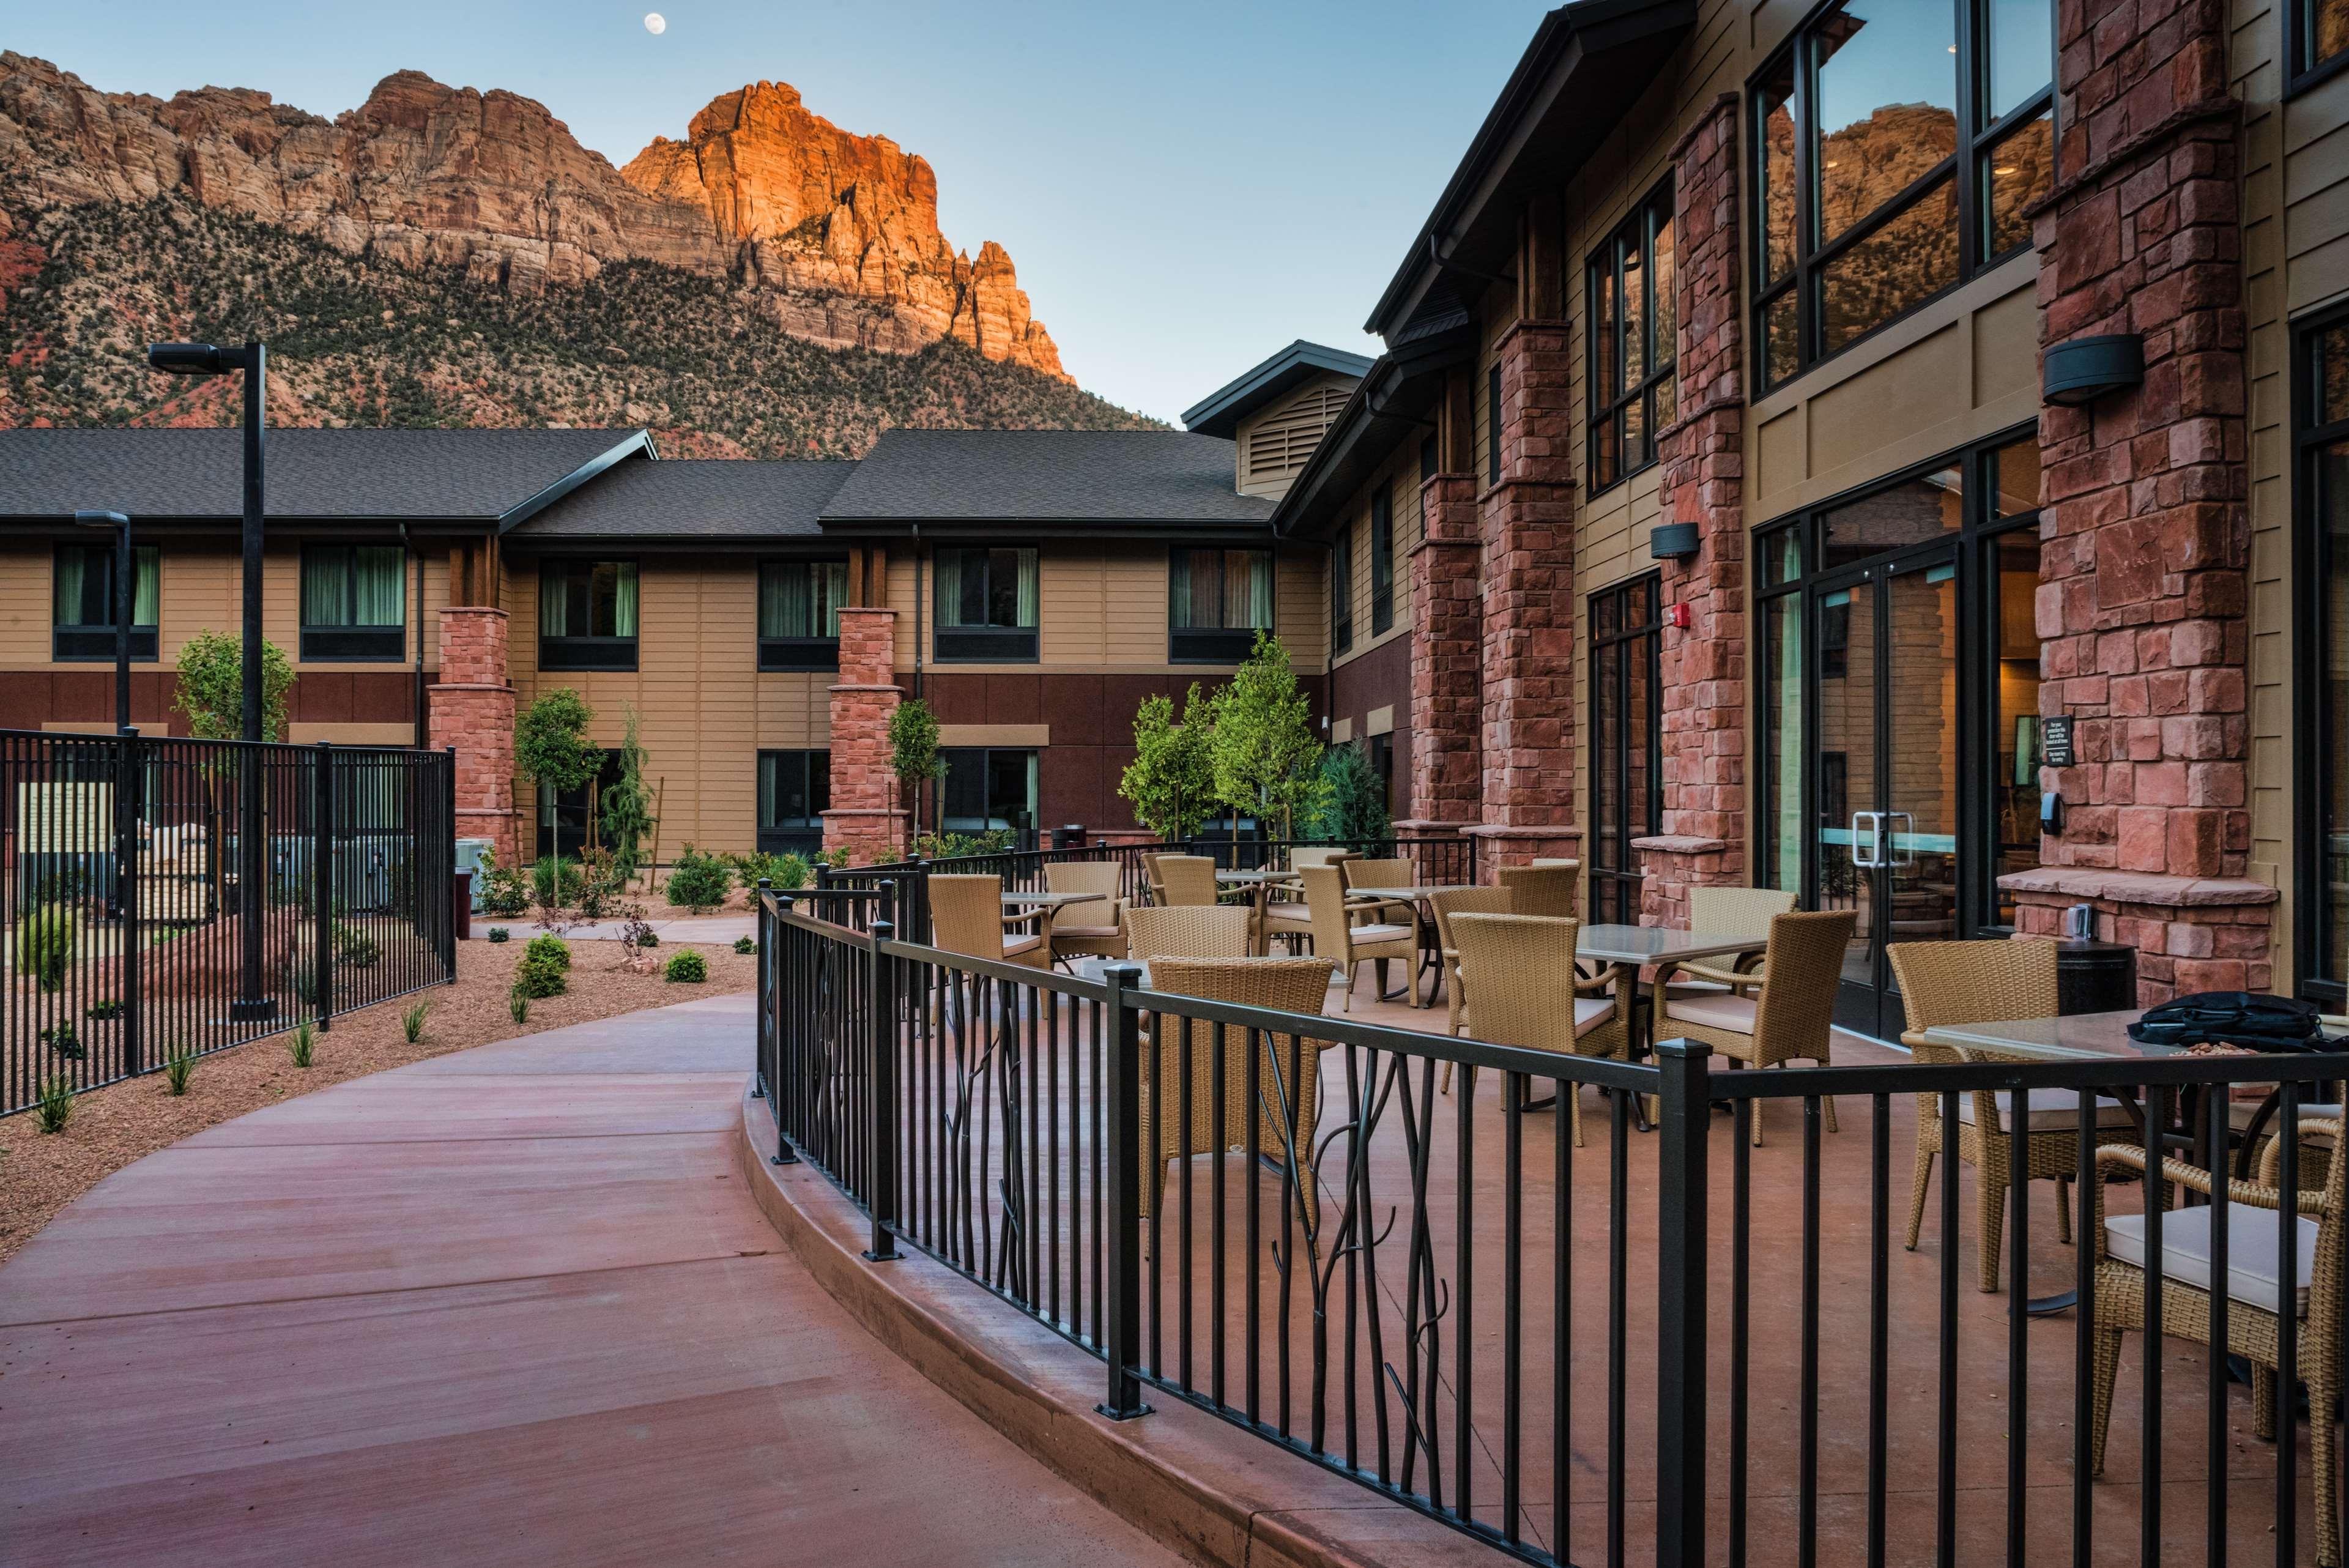 Hampton Inn & Suites Springdale/Zion National Park image 4